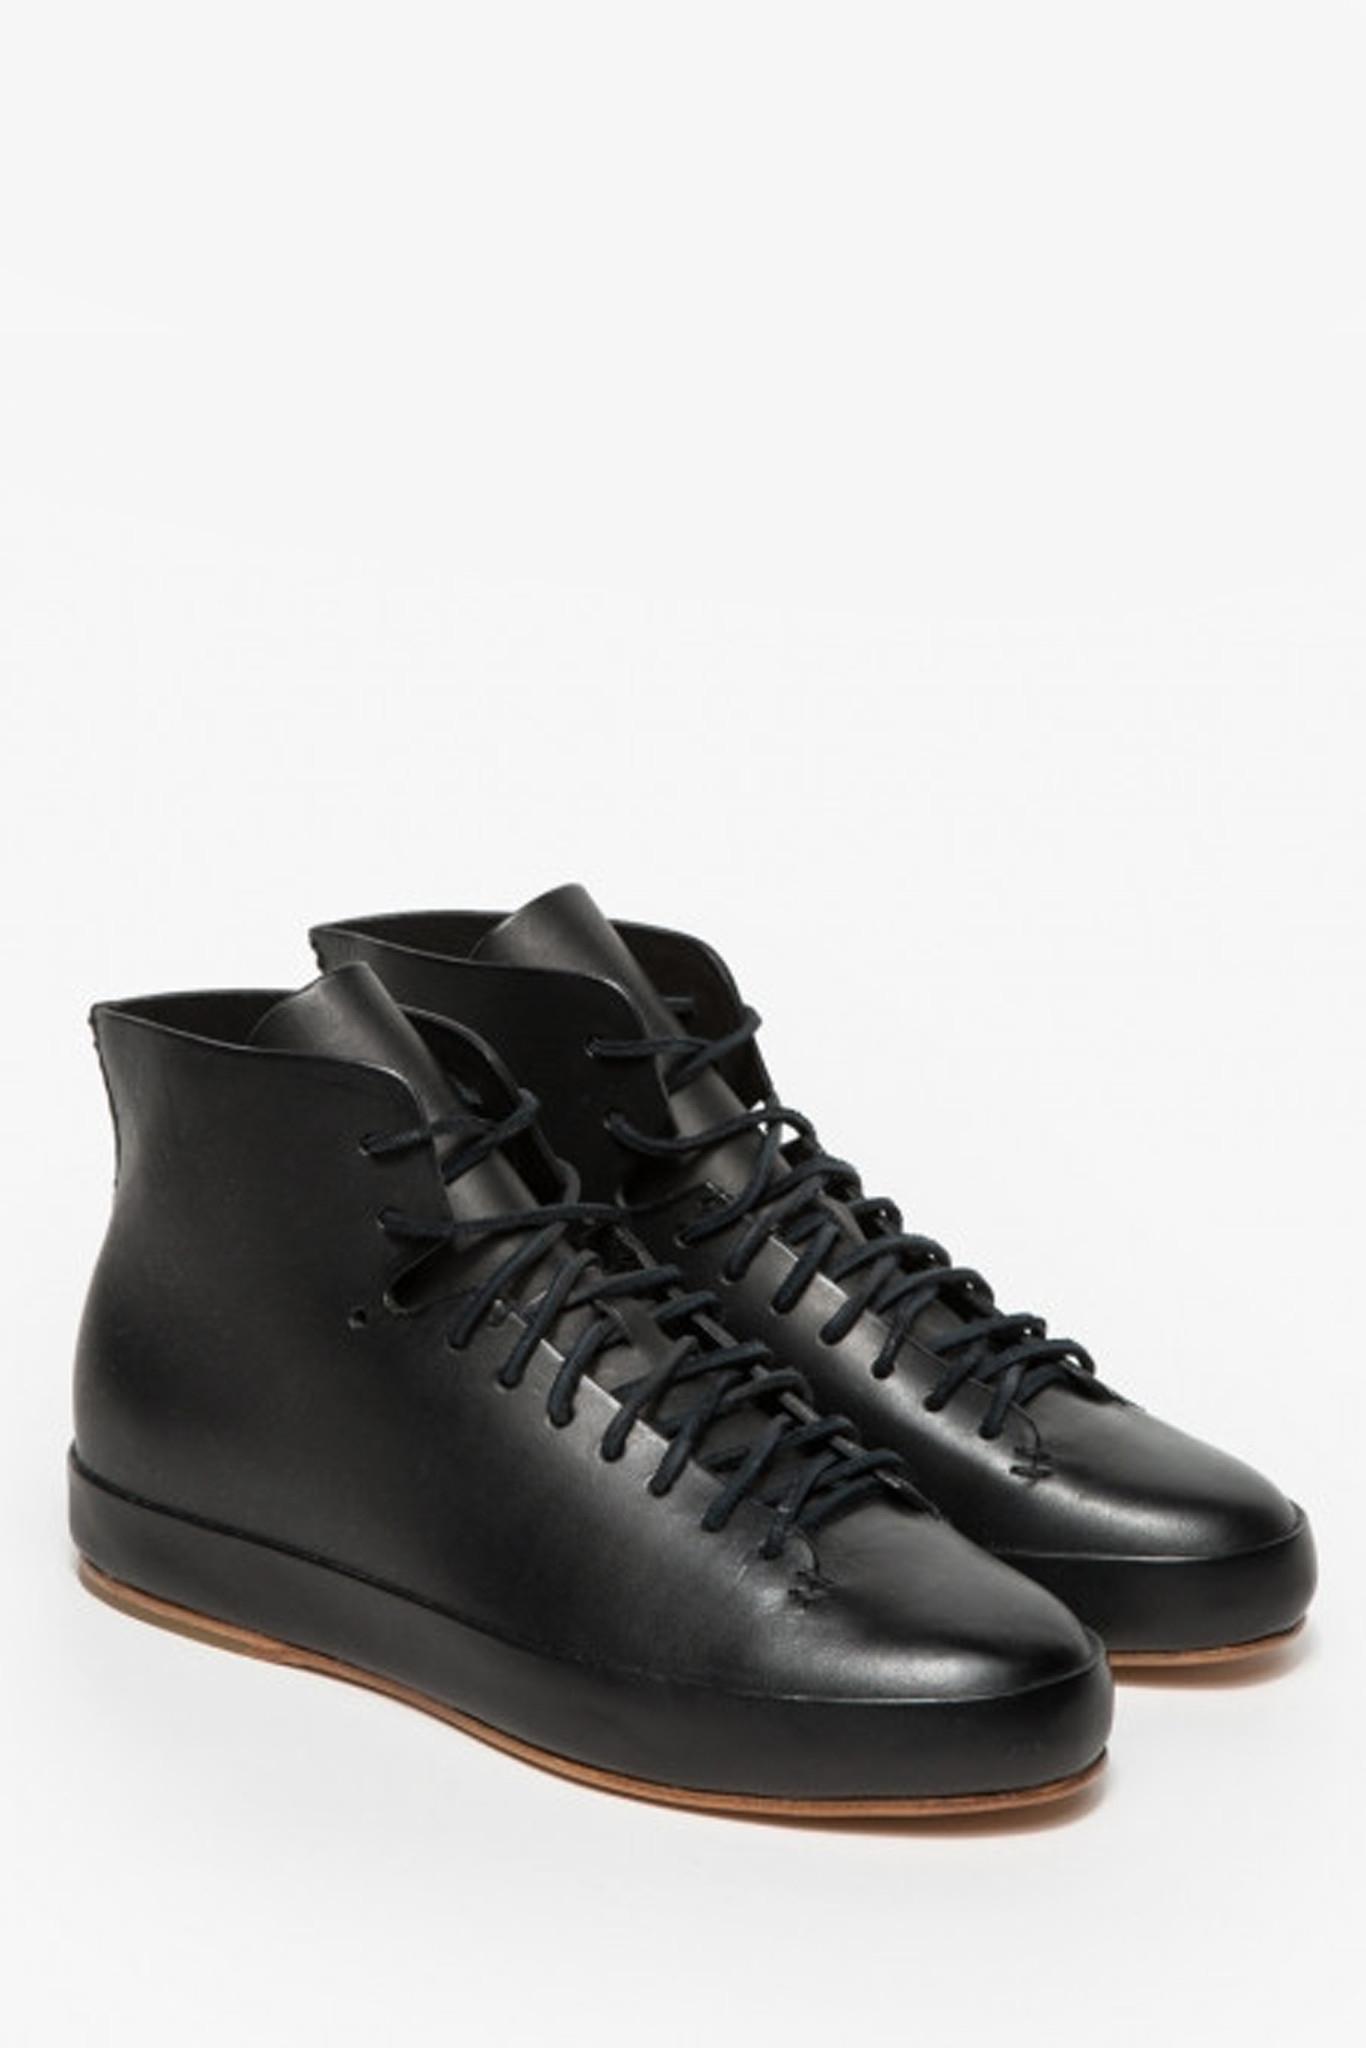 Feit Shoes Sizing